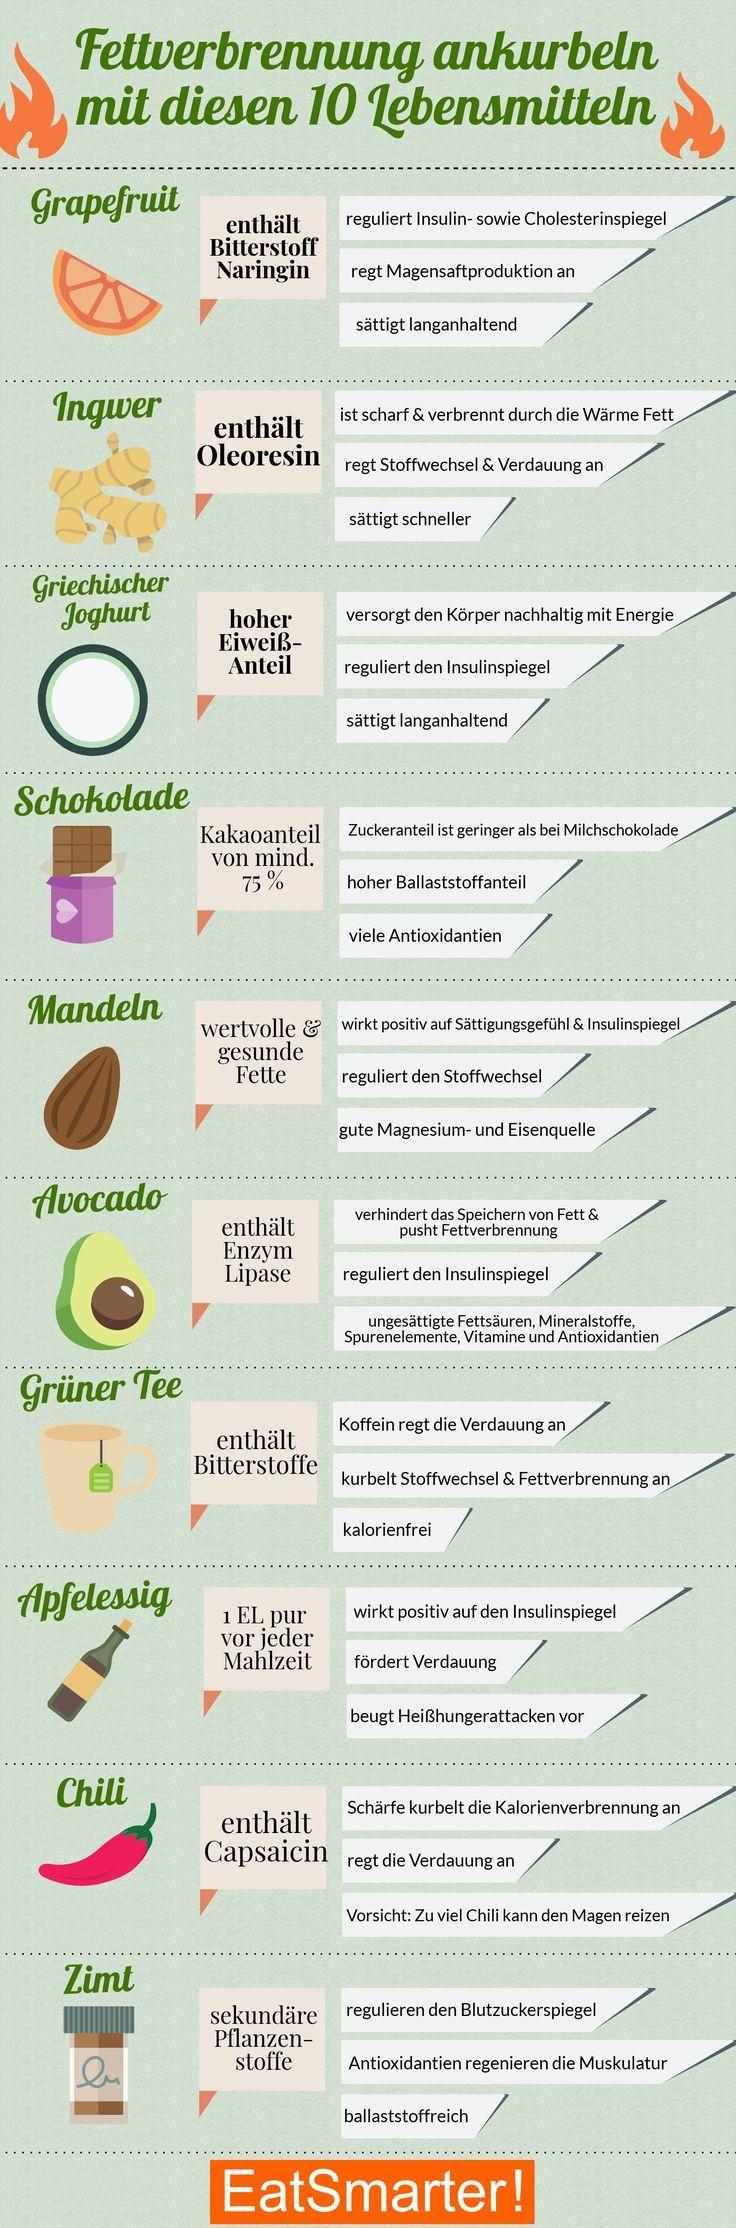 Fettverbrennung #ankurbeln: #Mit #diesen #10 #Lebensmitteln #| #eatsmarter.de # #fettverbrennung # #...